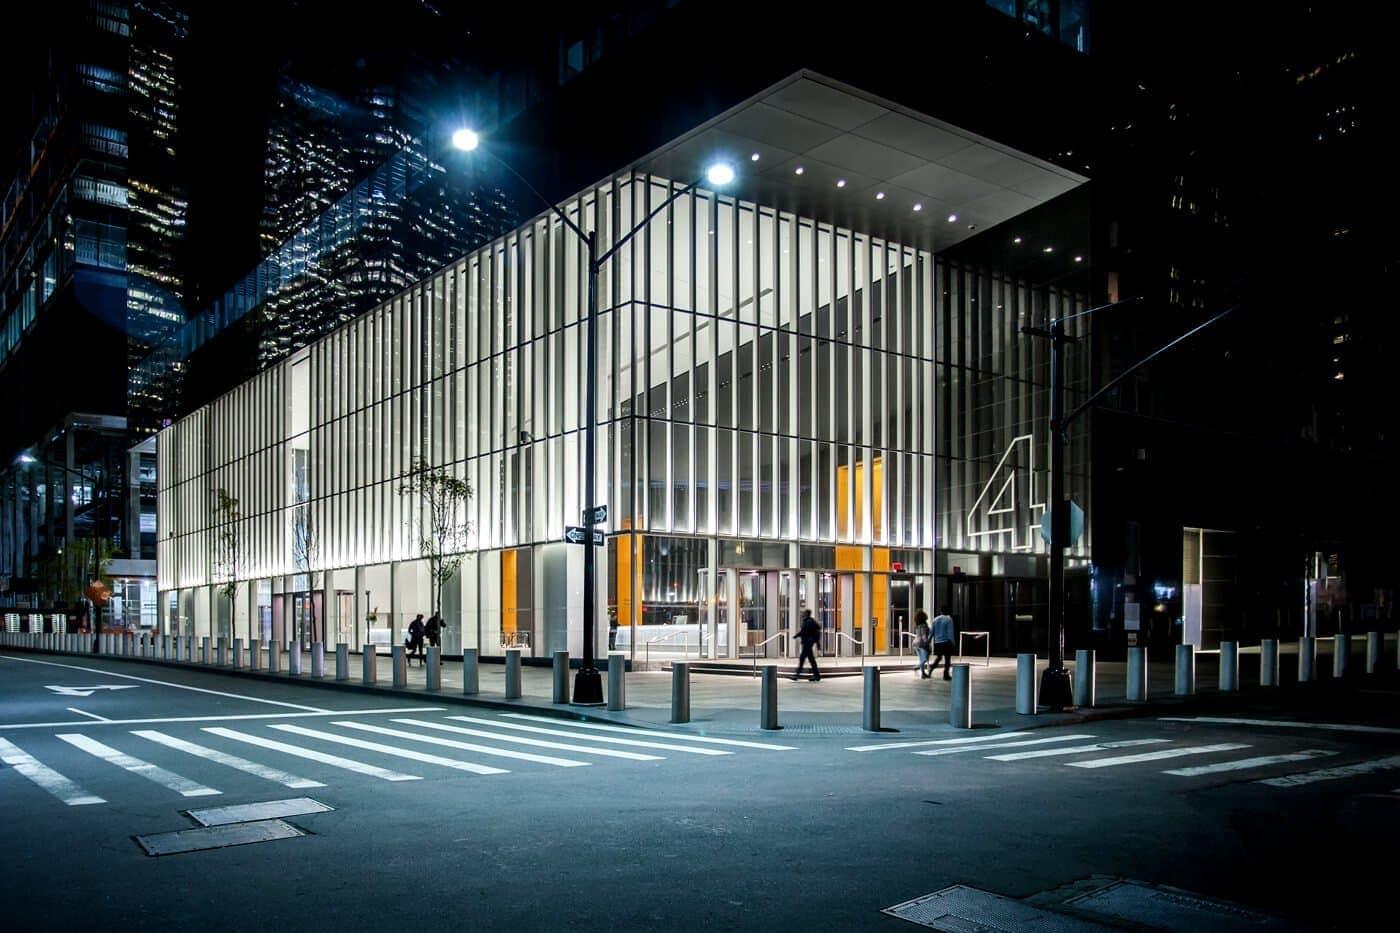 new-york-fotografie-nacht-acrchitectuur